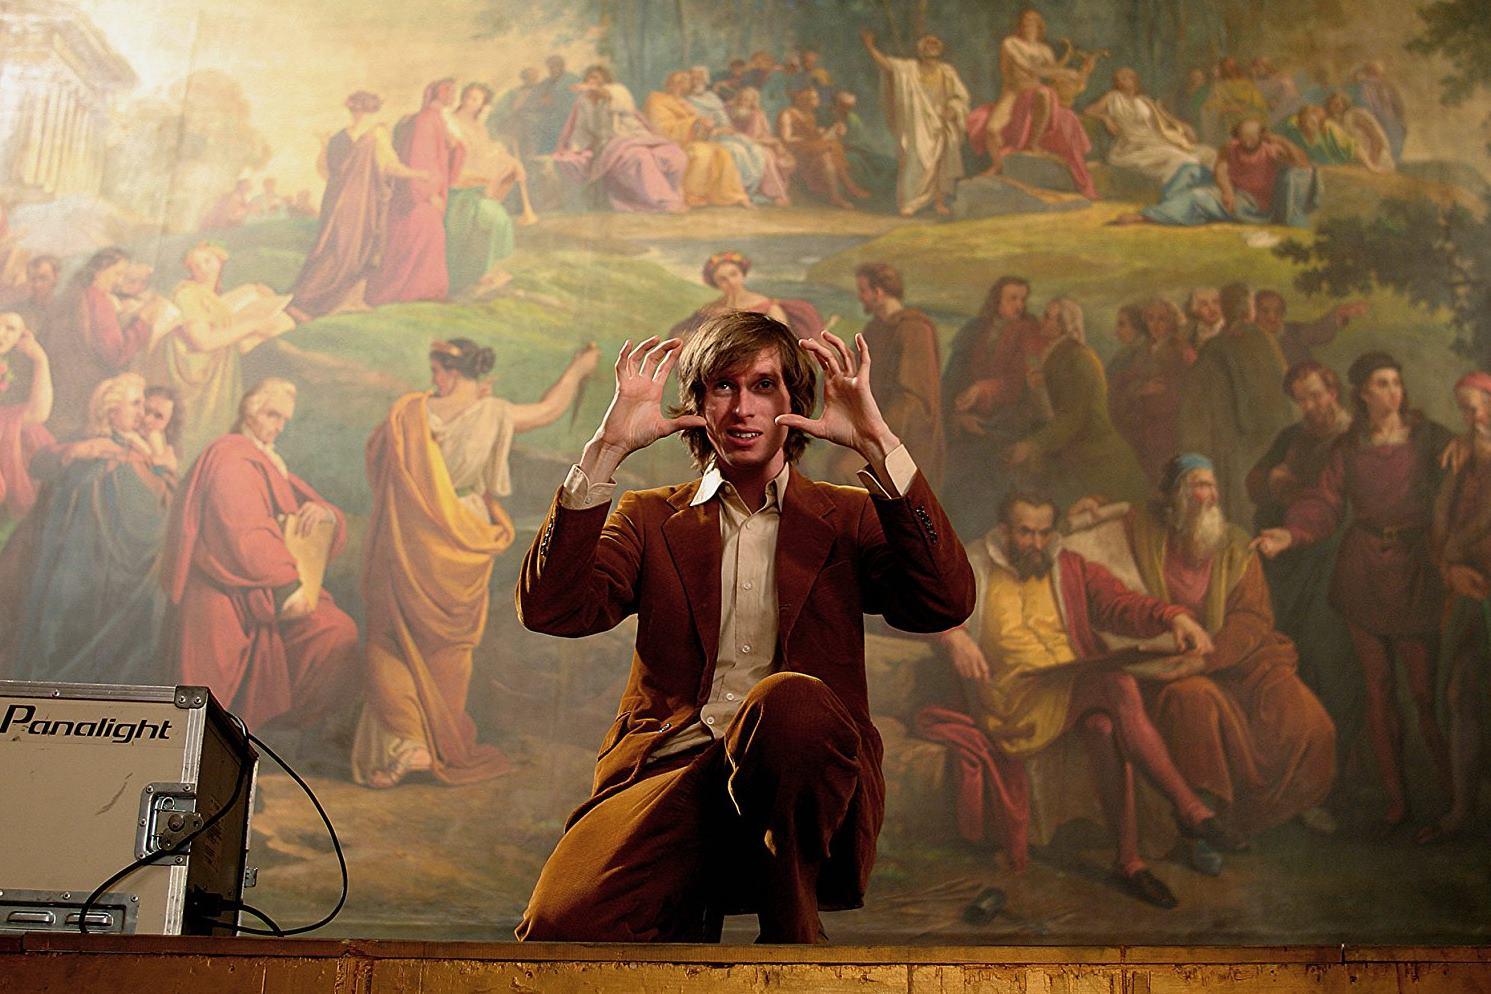 Çocuksu Ruhların Rengi: Wes Anderson Sineması